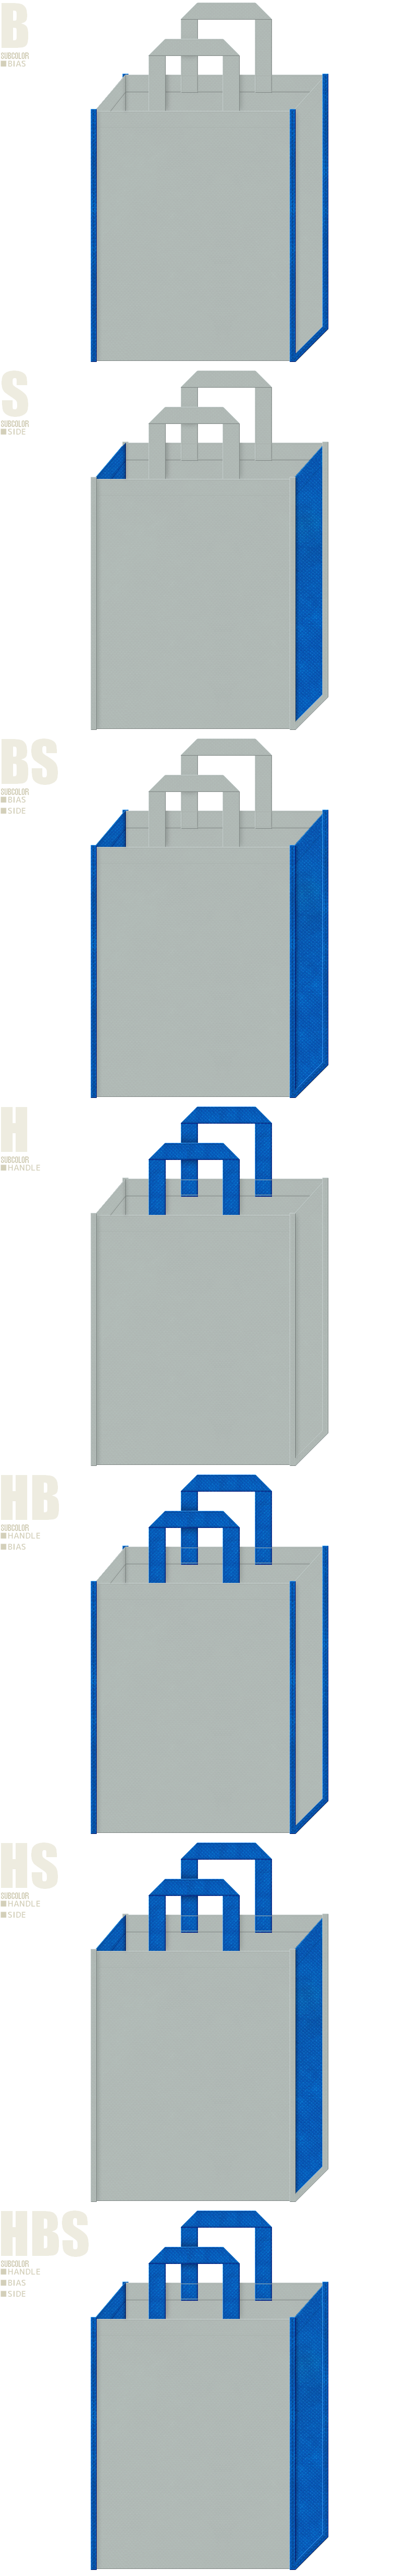 不織布トートバッグのデザイン例-不織布メインカラーNo.2+サブカラーNo.22の2色7パターン